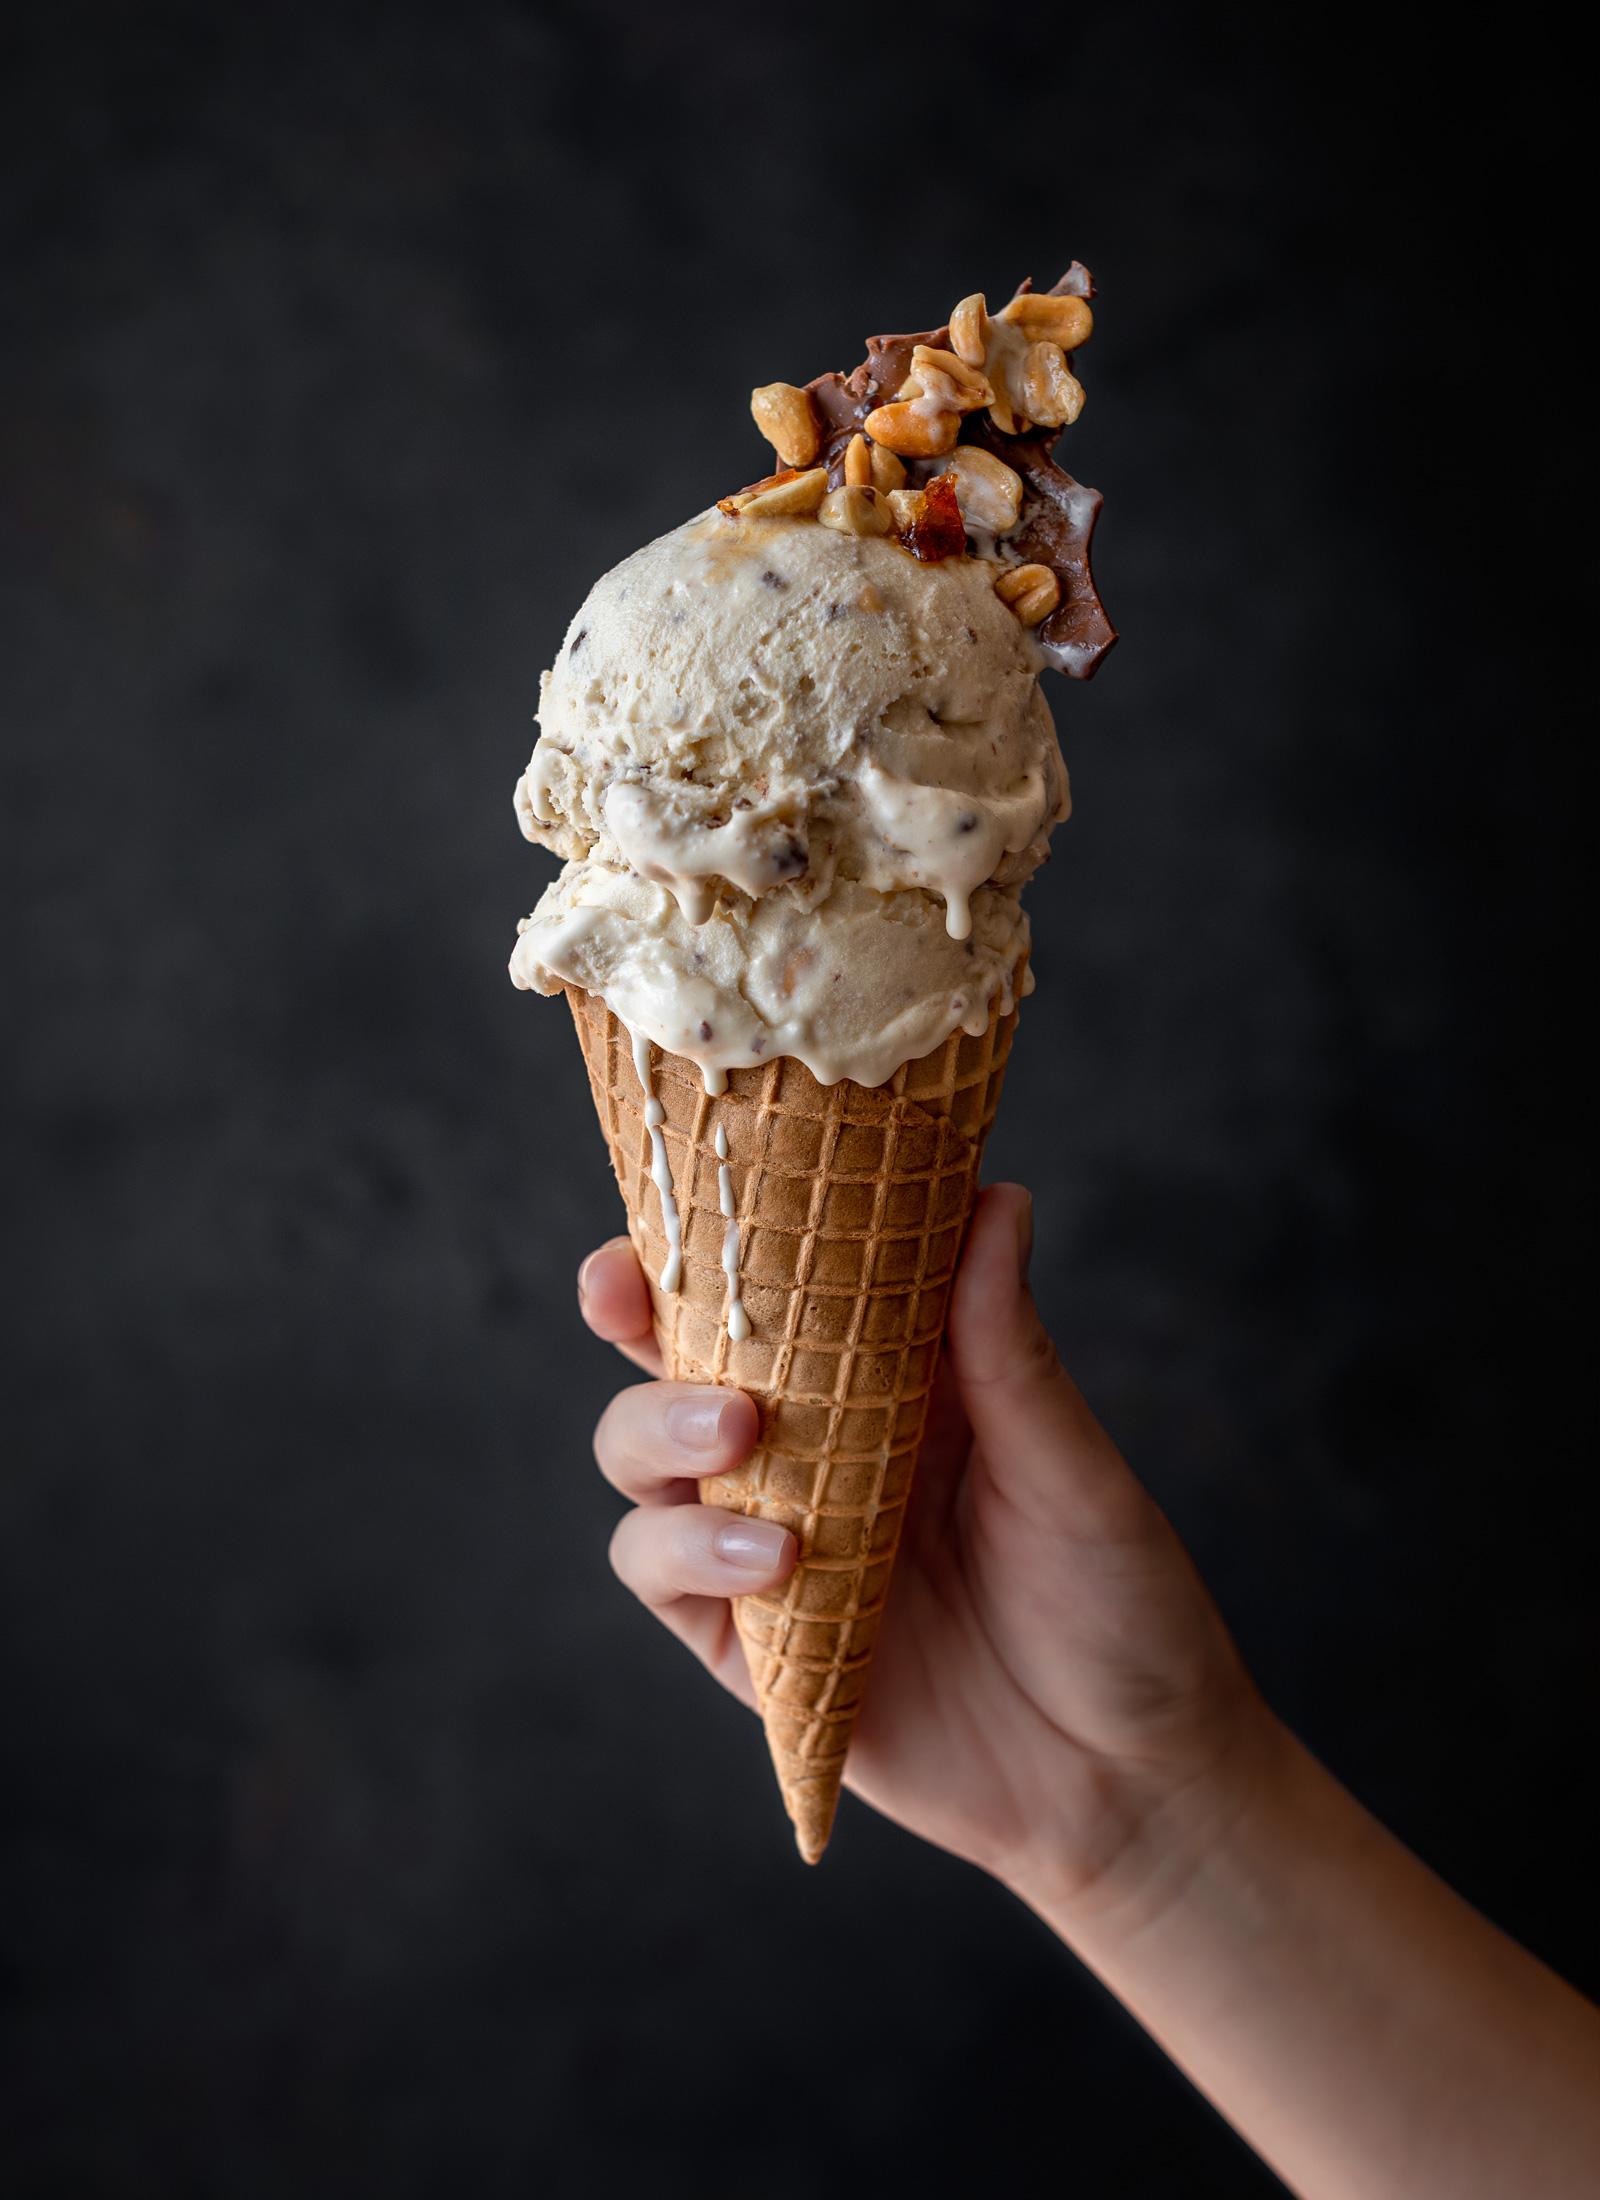 helado-mano-cassis-estudio-como